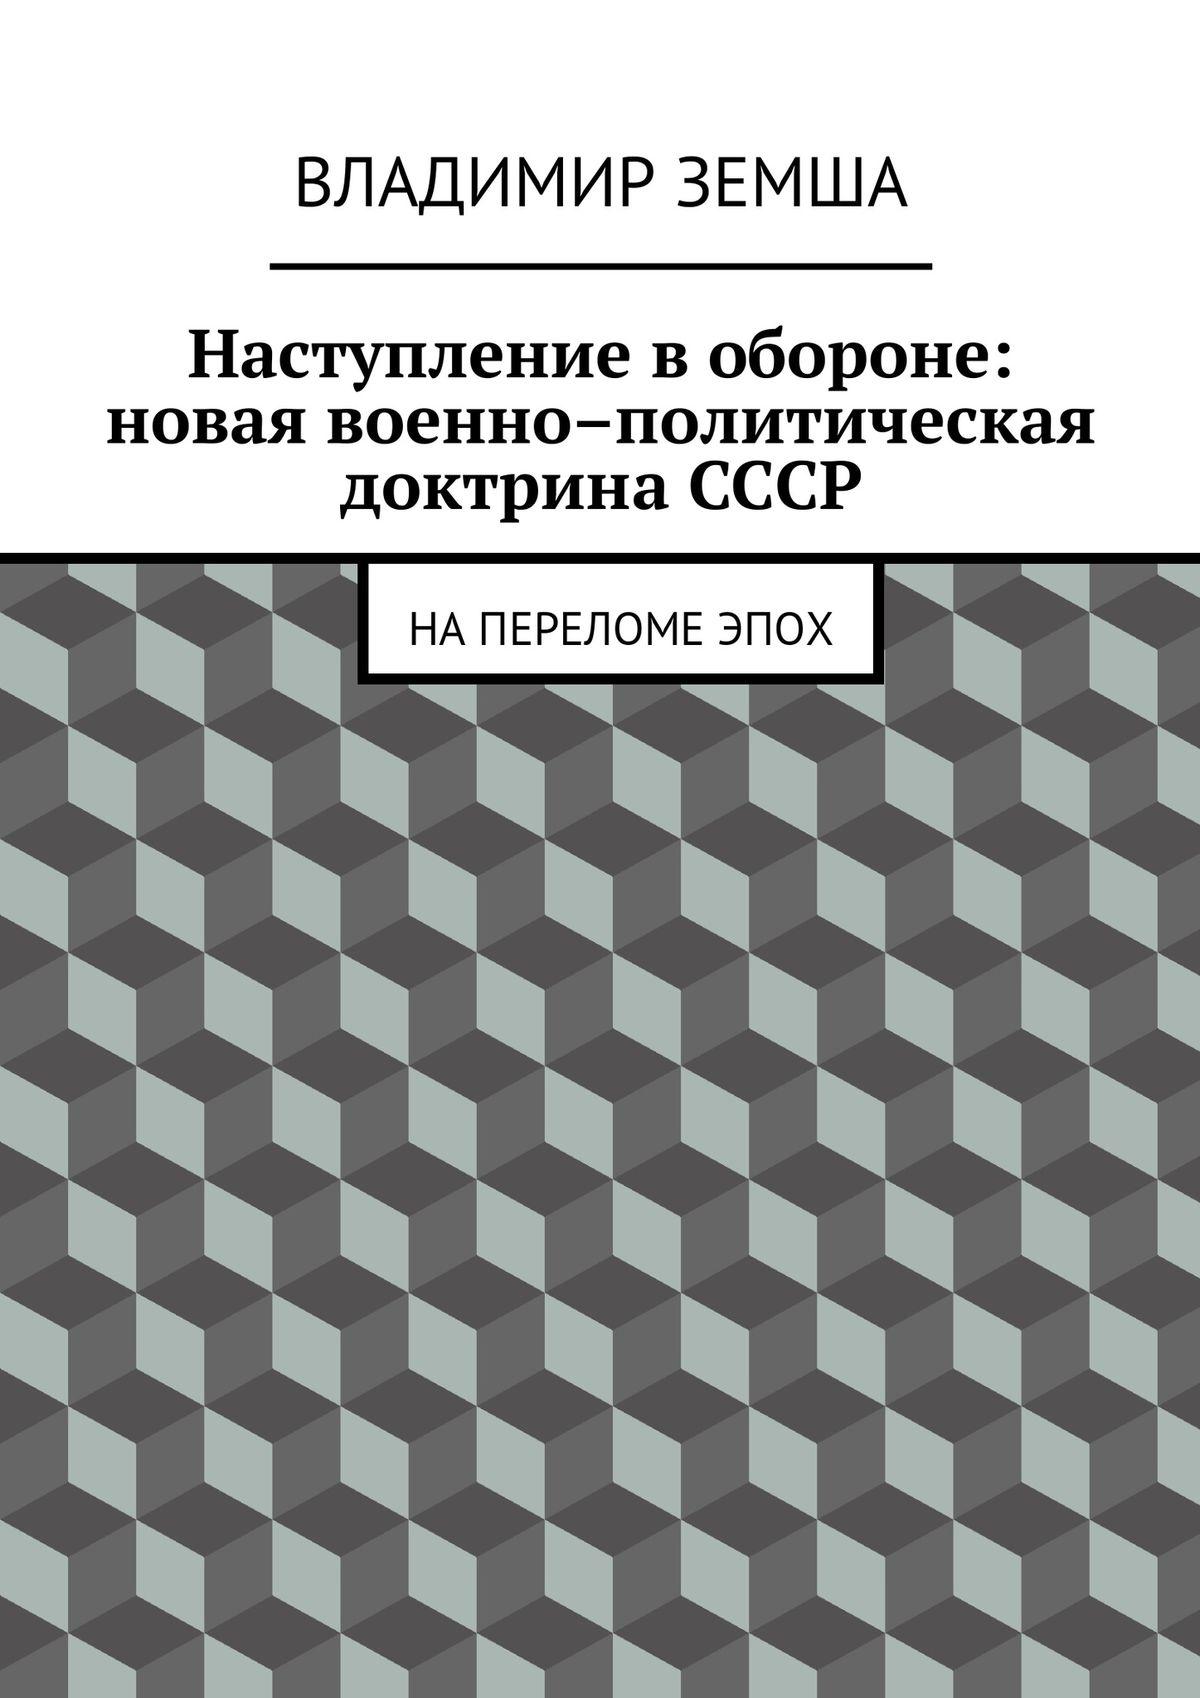 Наступление в обороне: Новая военно-политическая доктрина СССР